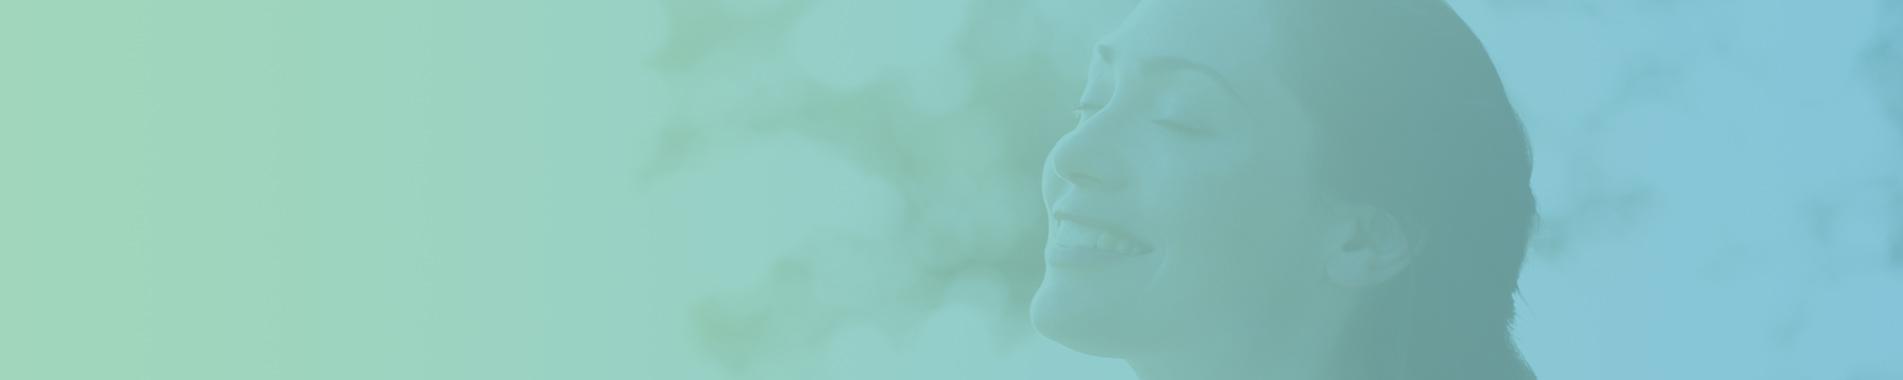 Os impactos emocionais da alteração no hálito